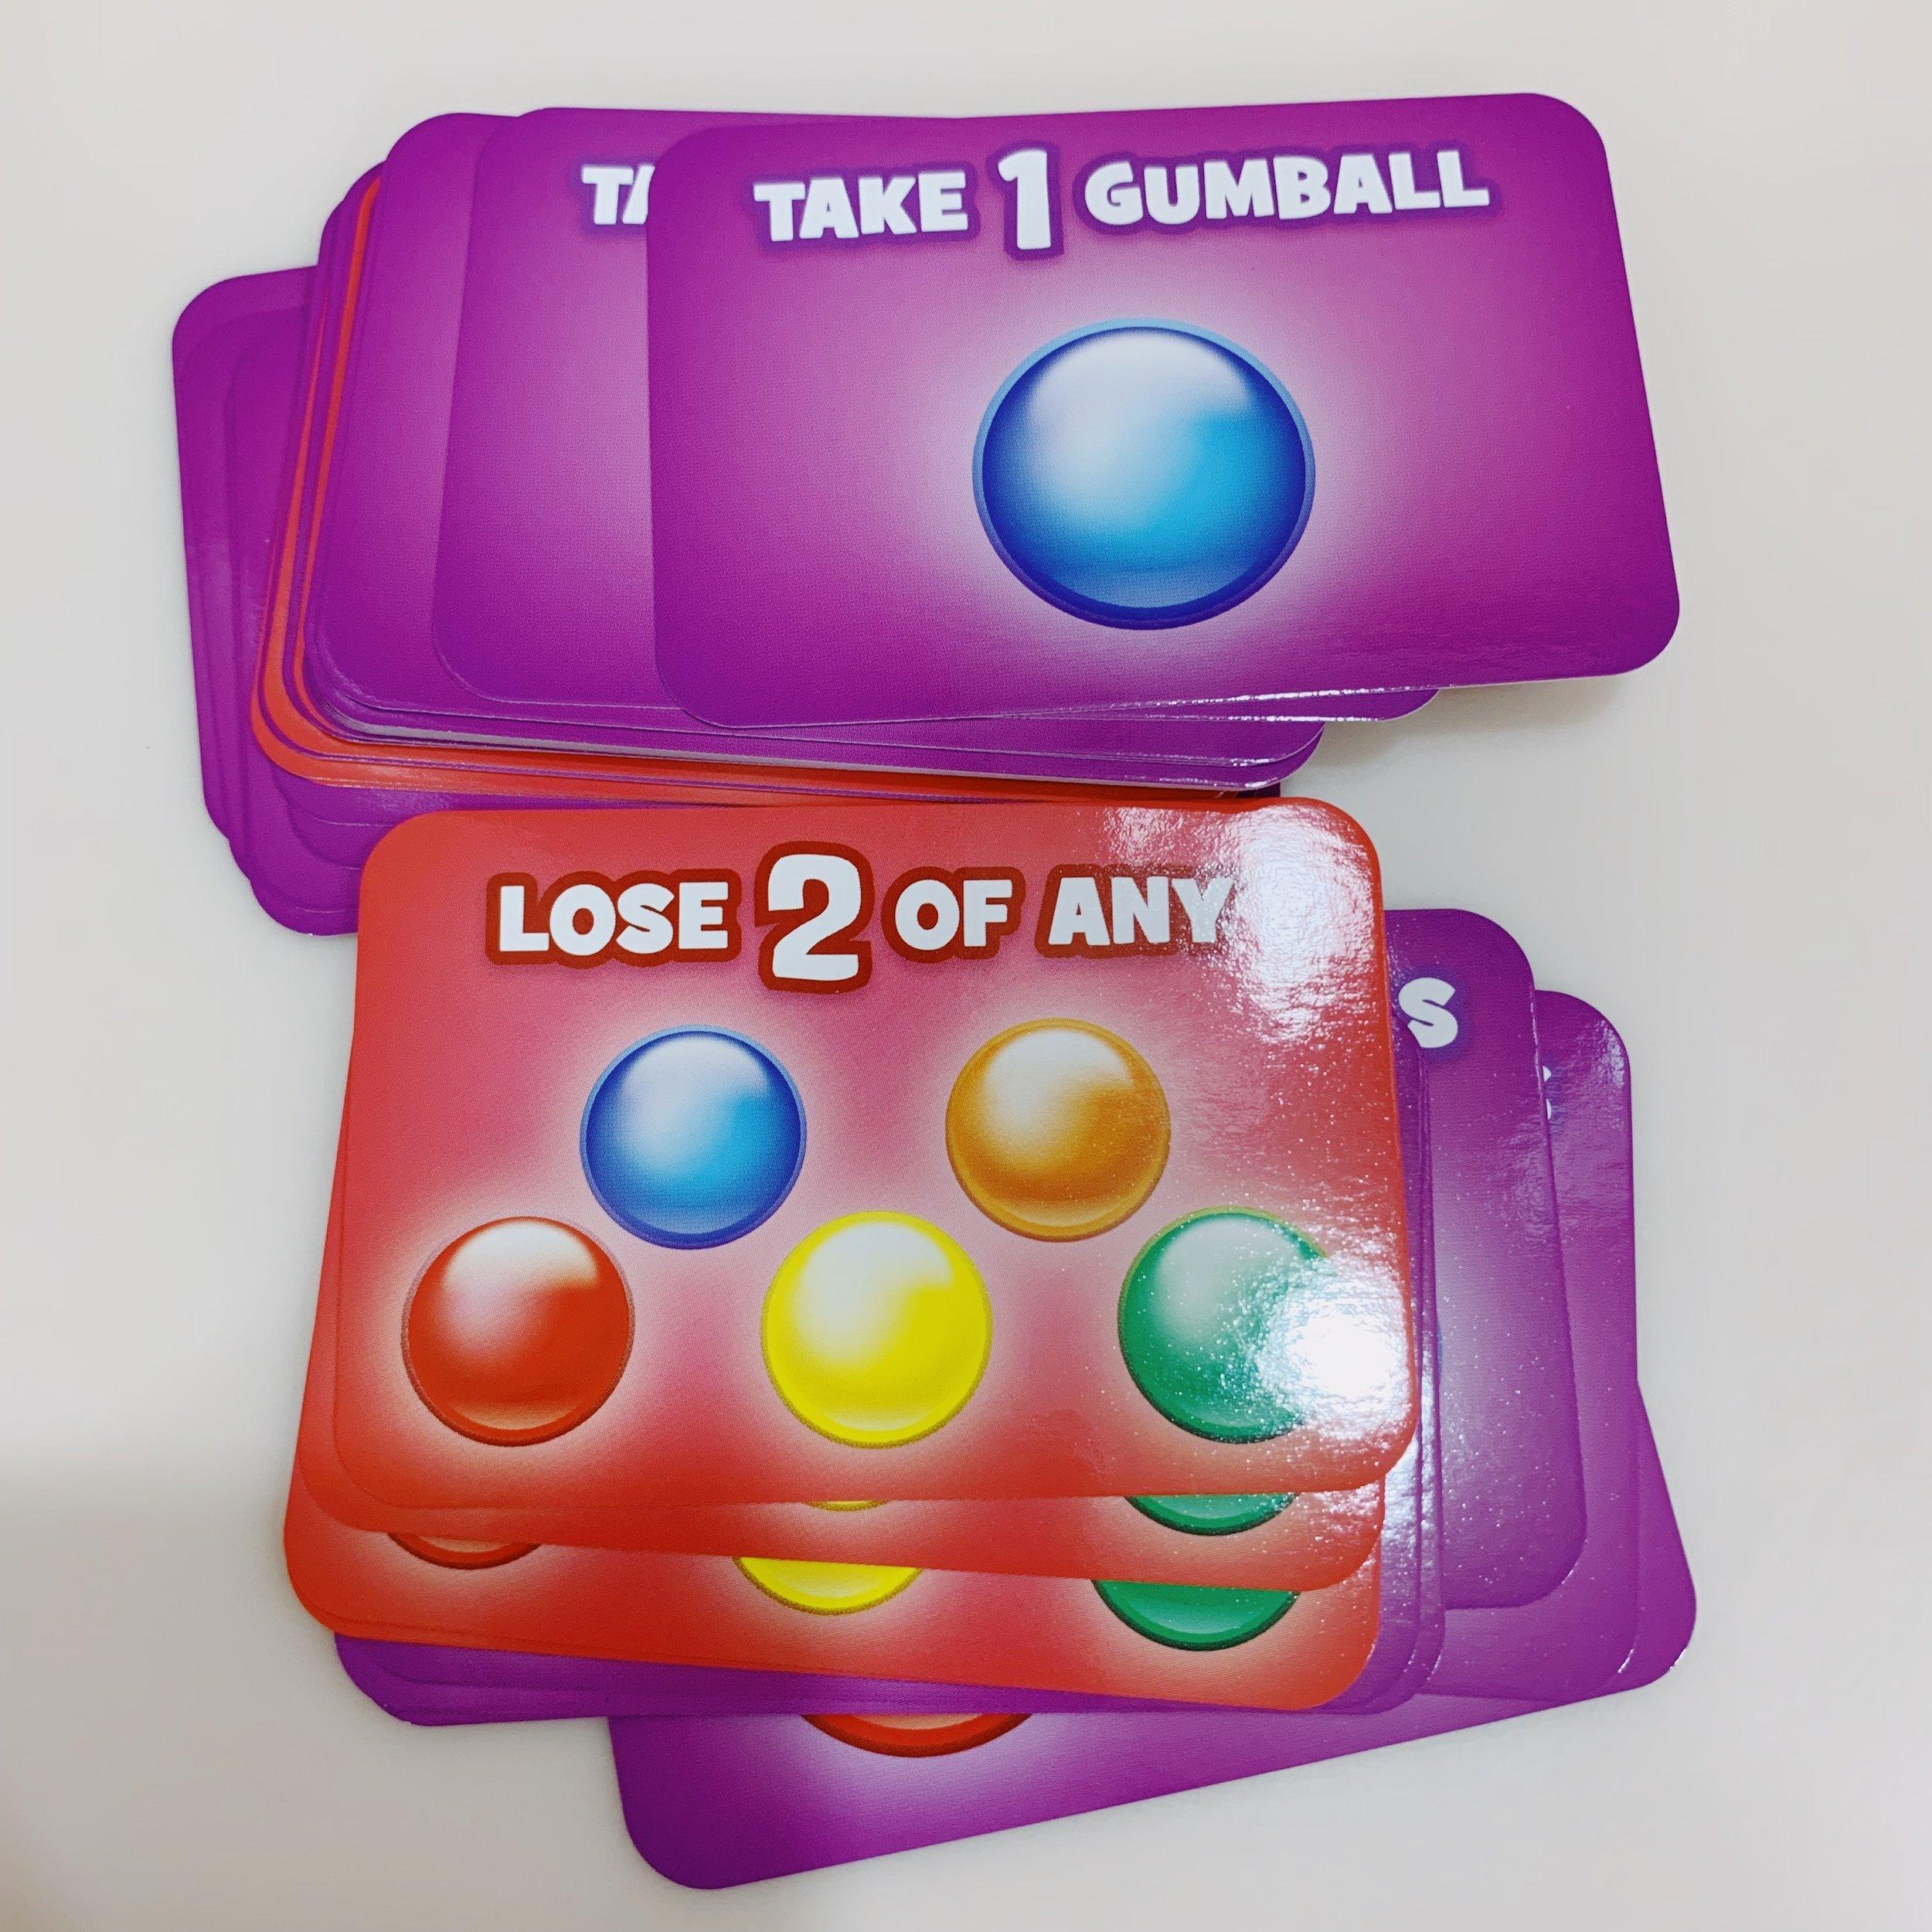 gumball grab3.jpg